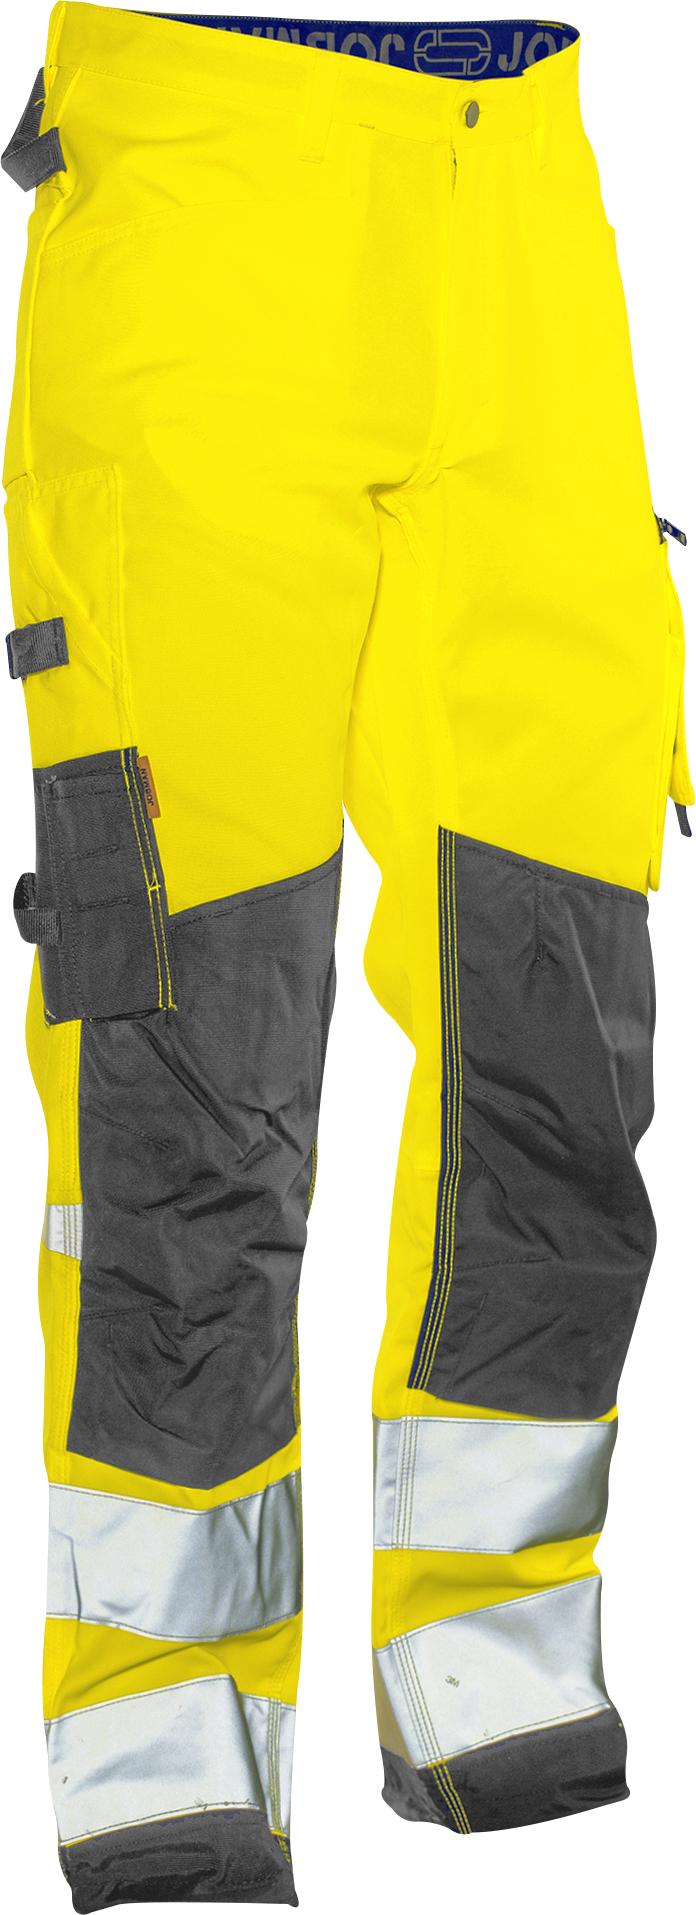 2221 Pantalon de service Star Hi-Vis C146 jaune/noir